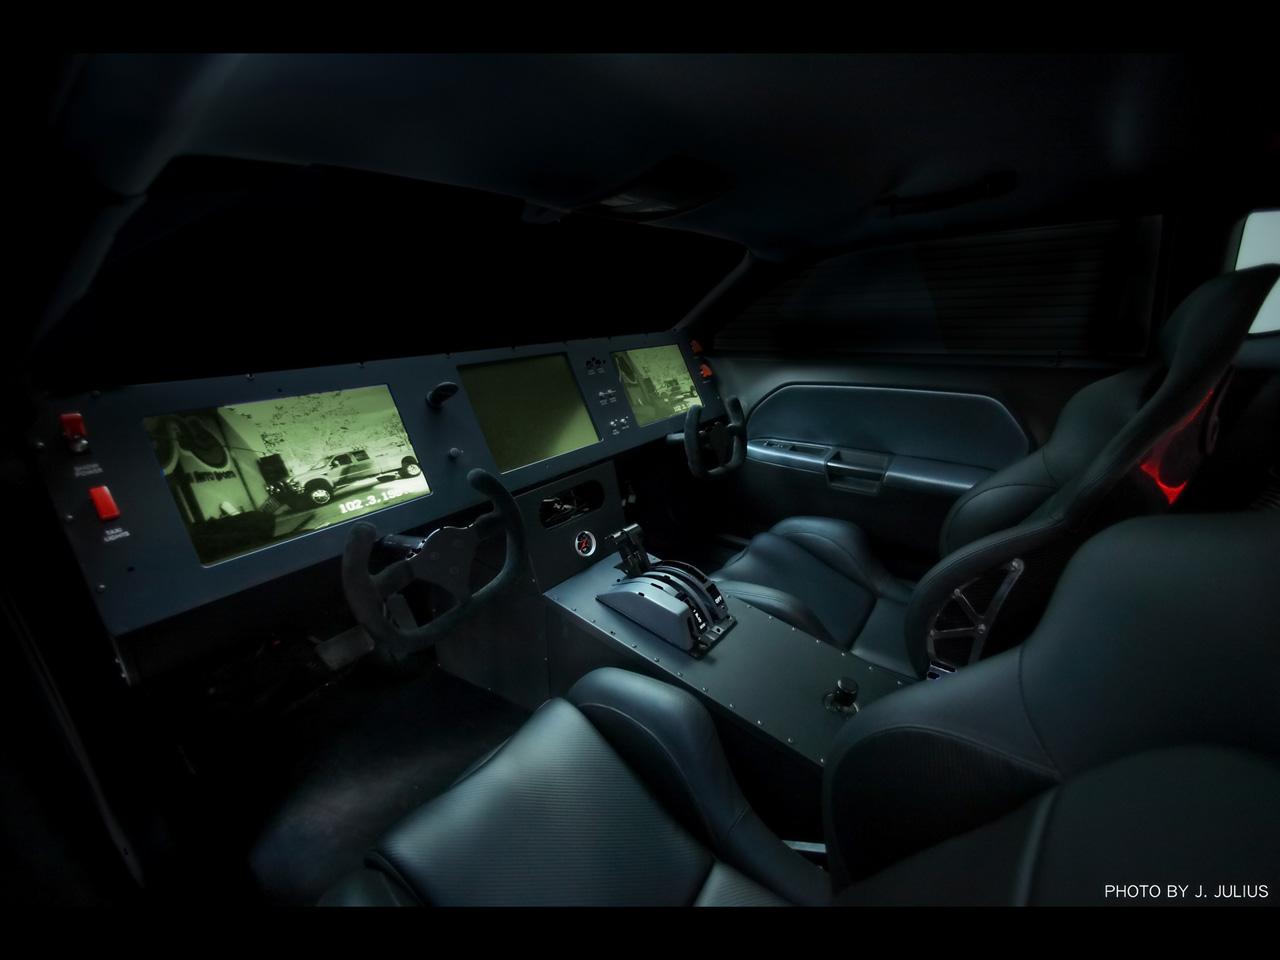 75 anni di sicurezza firmata Mercedes-Benz - image 001242-000011324 on http://auto.motori.net